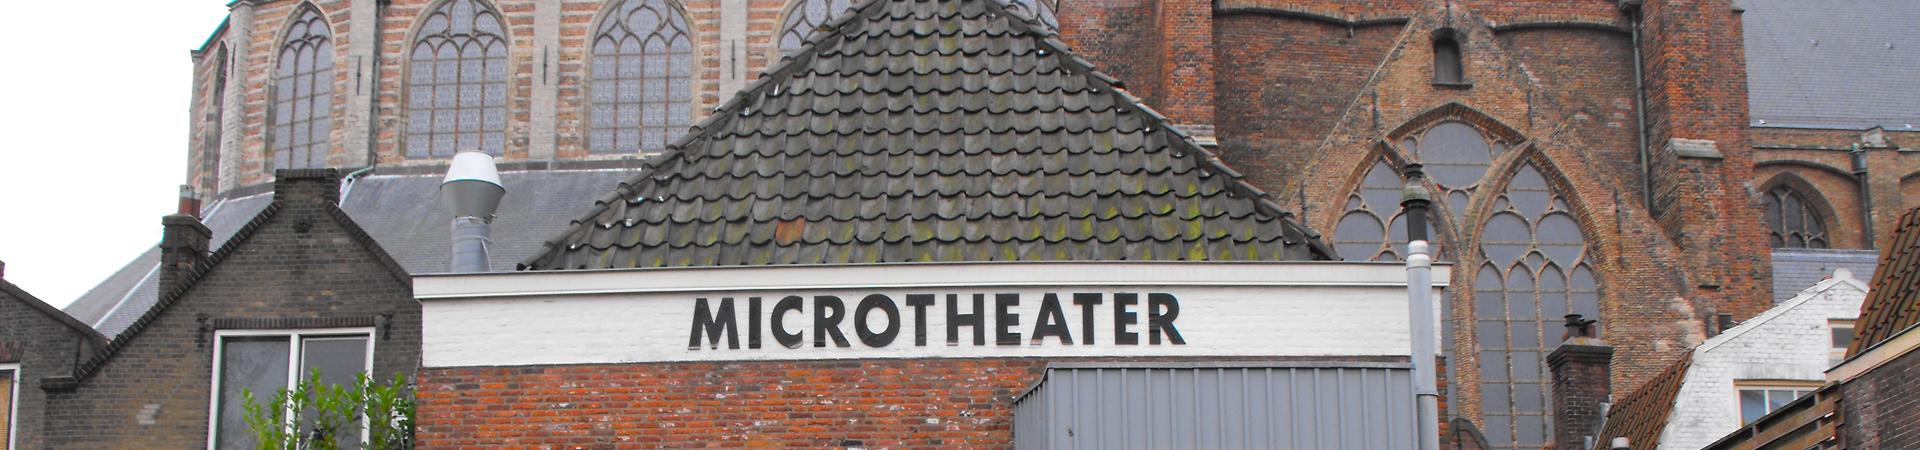 <br/><h8>Word lid van de leukste toneelvereniging van Delft</h8>